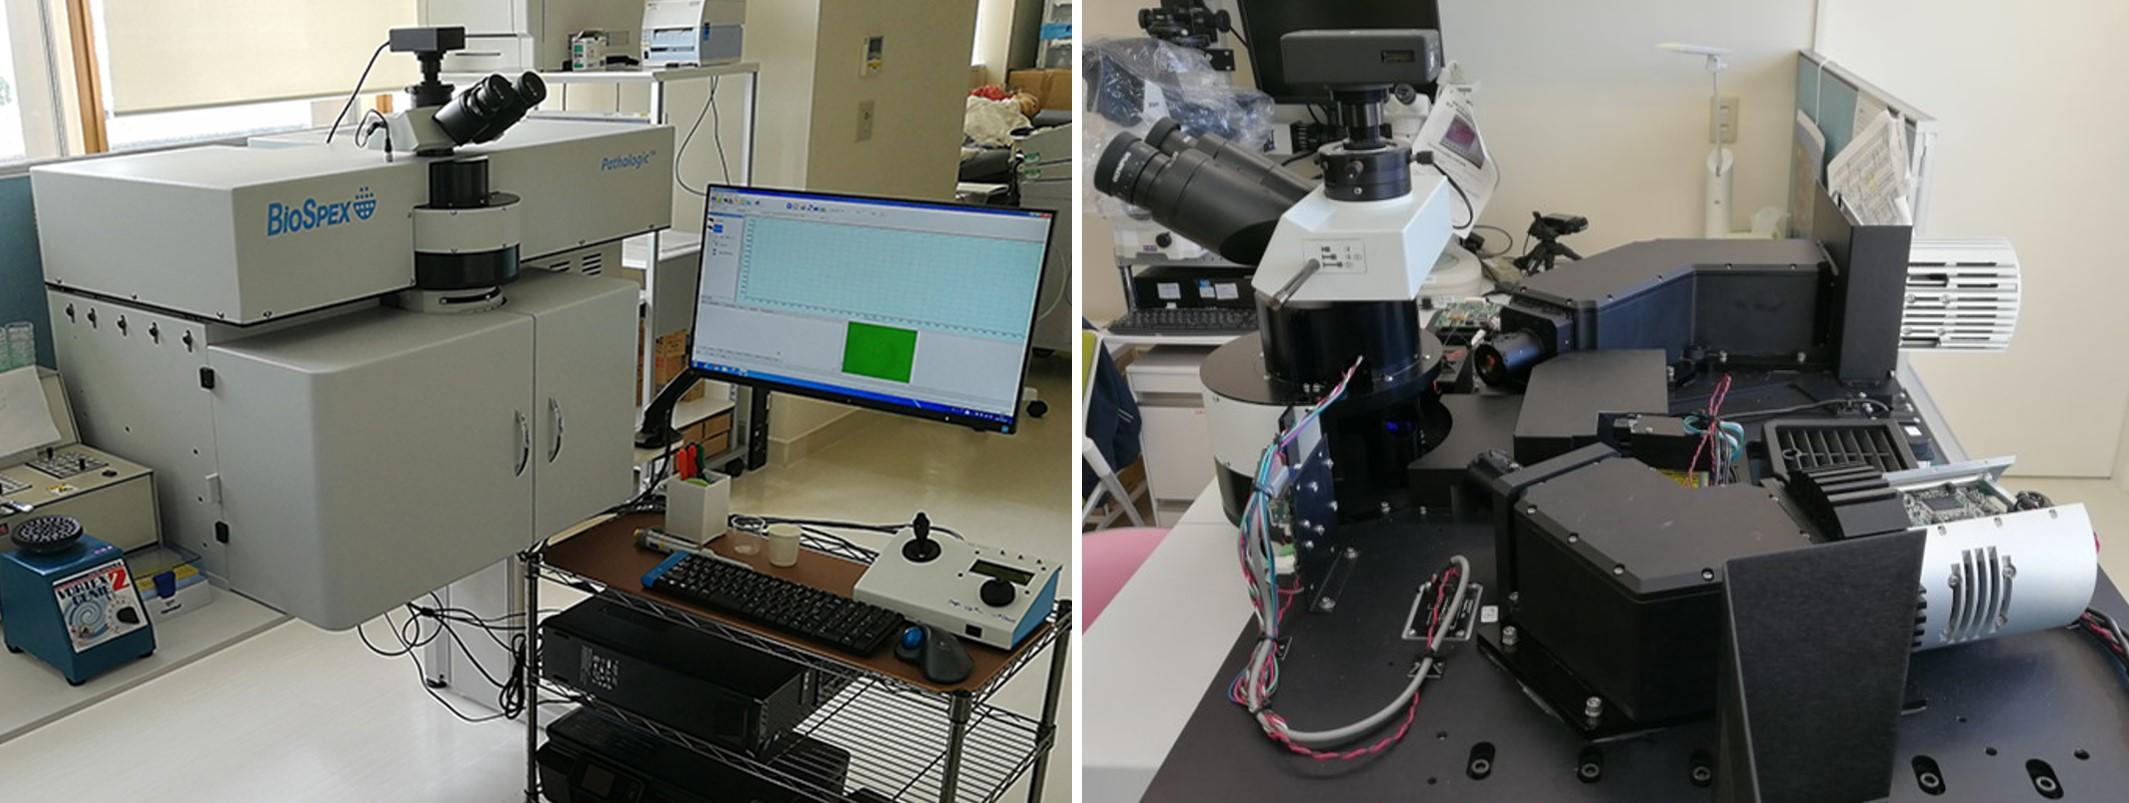 昭和大学がJSR株式会社と共同でがん迅速診断技術を開発